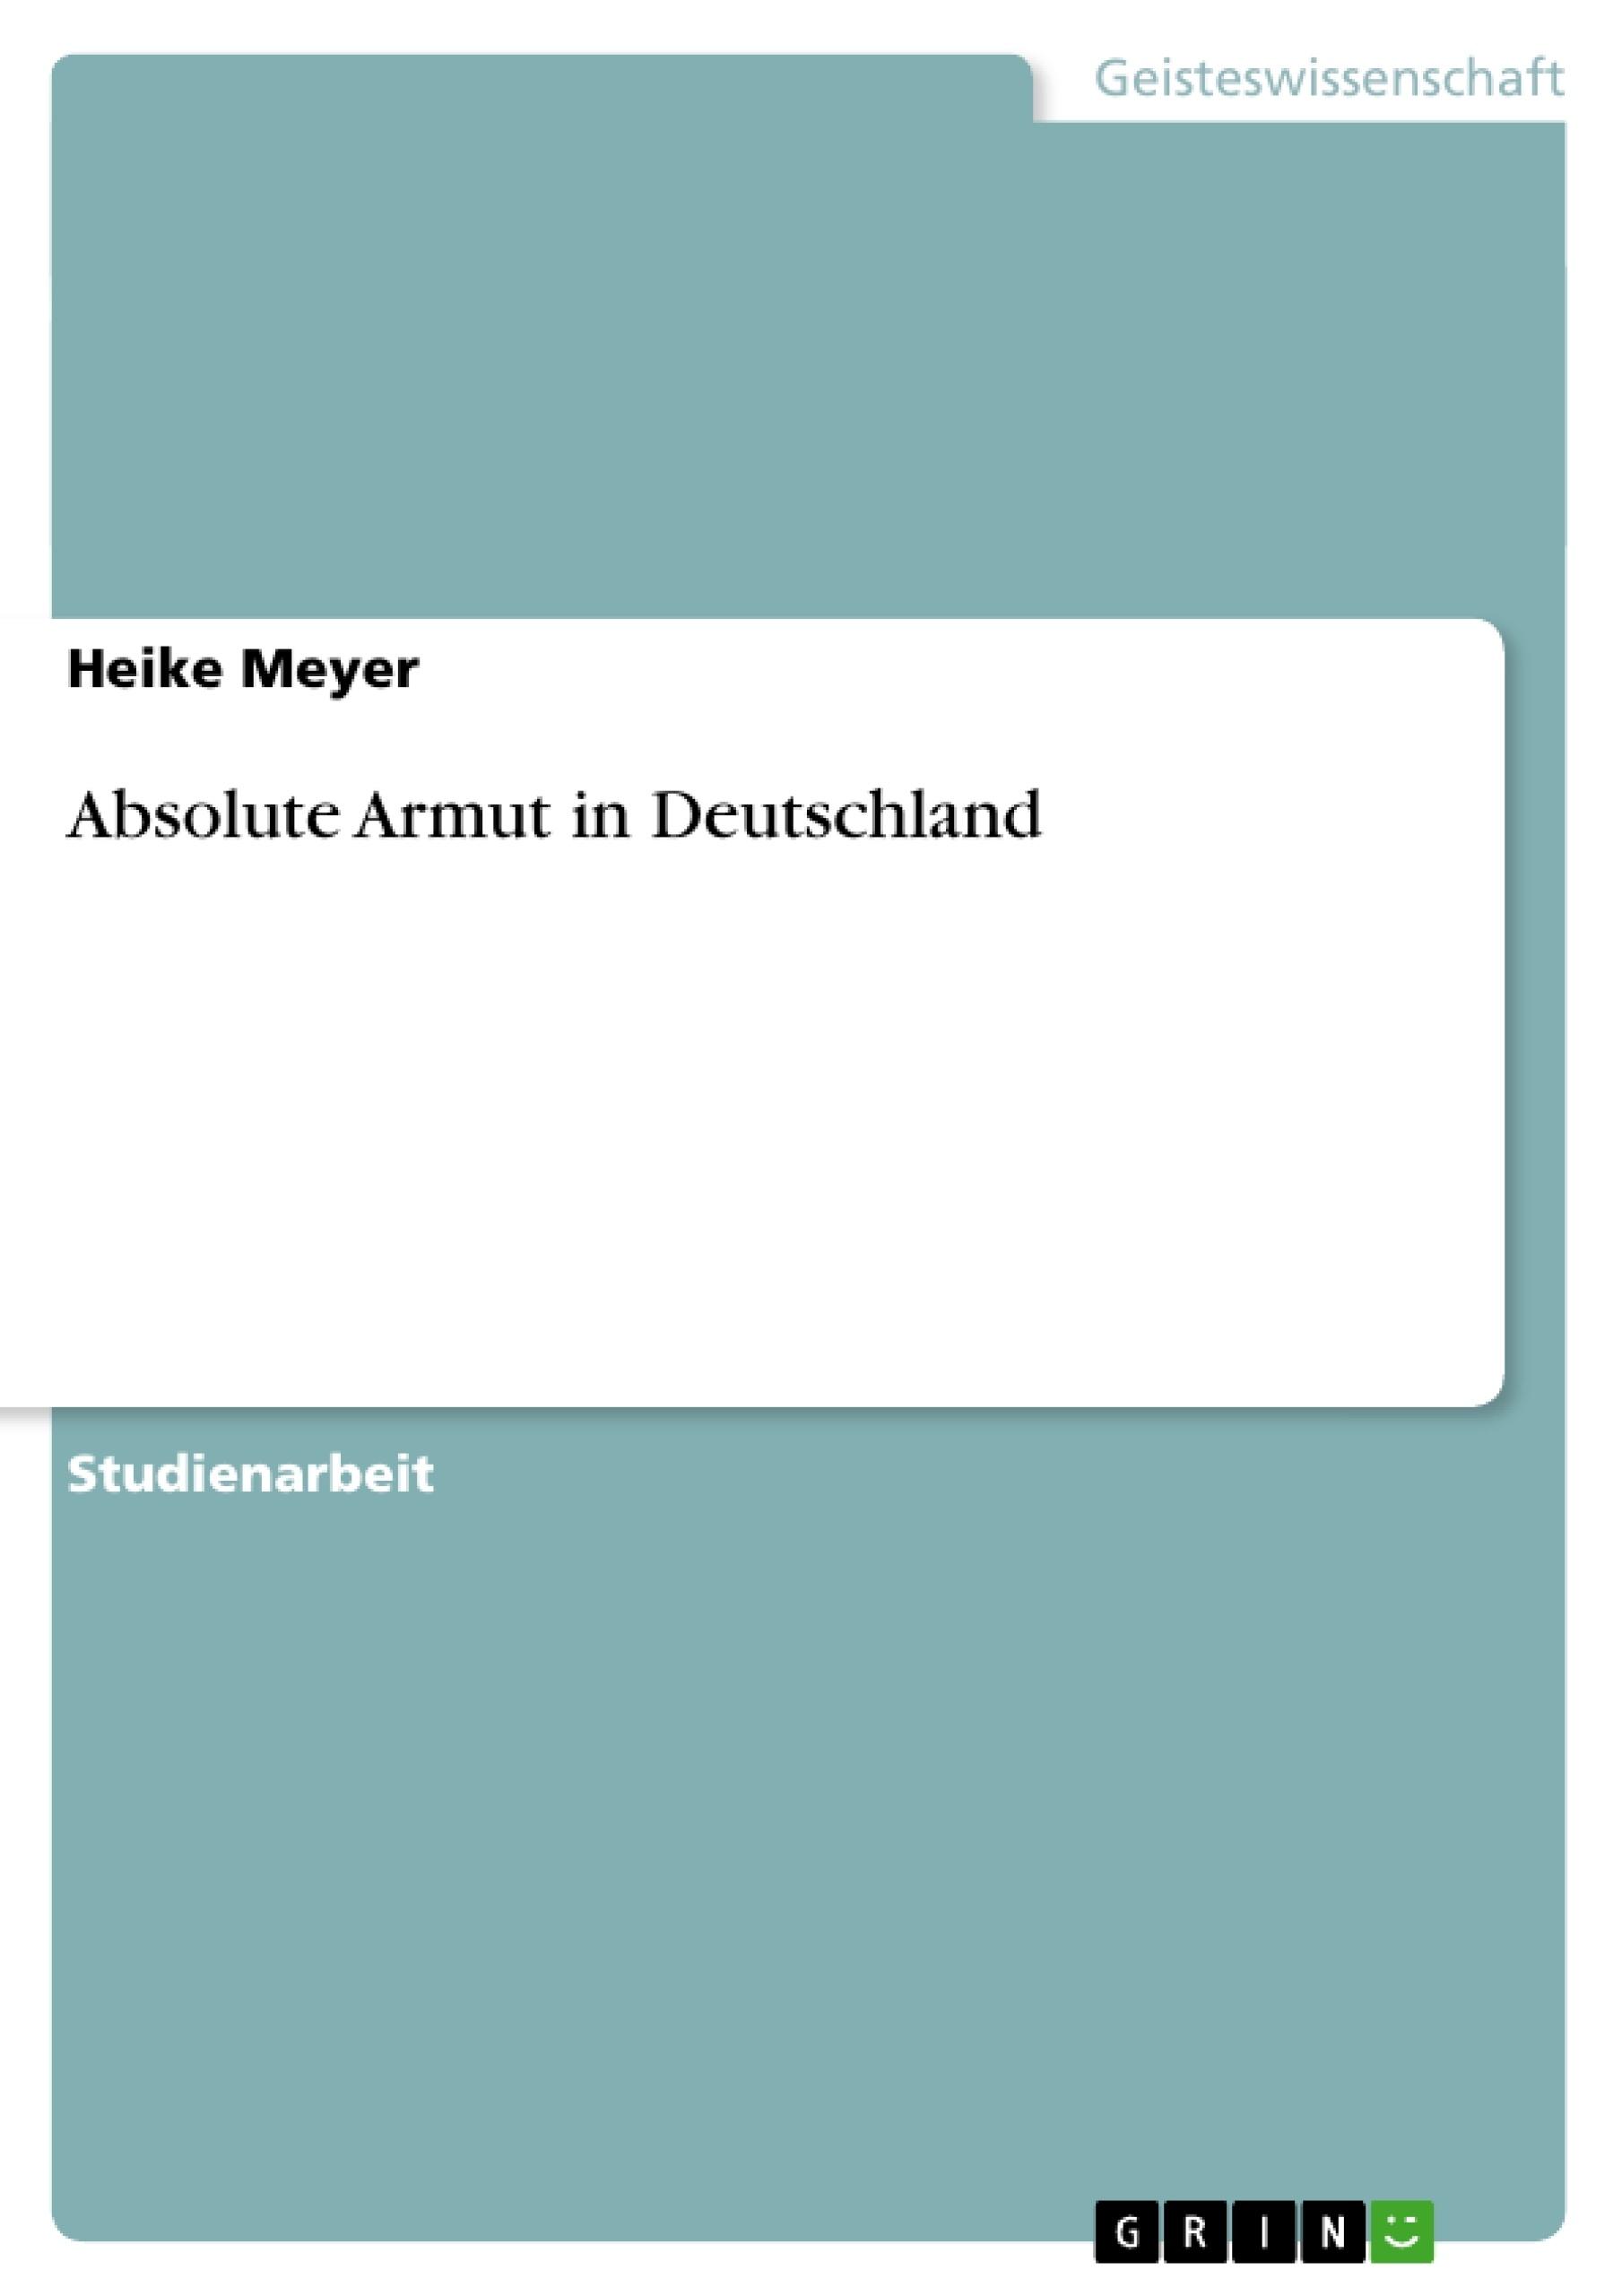 Titel: Absolute Armut in Deutschland